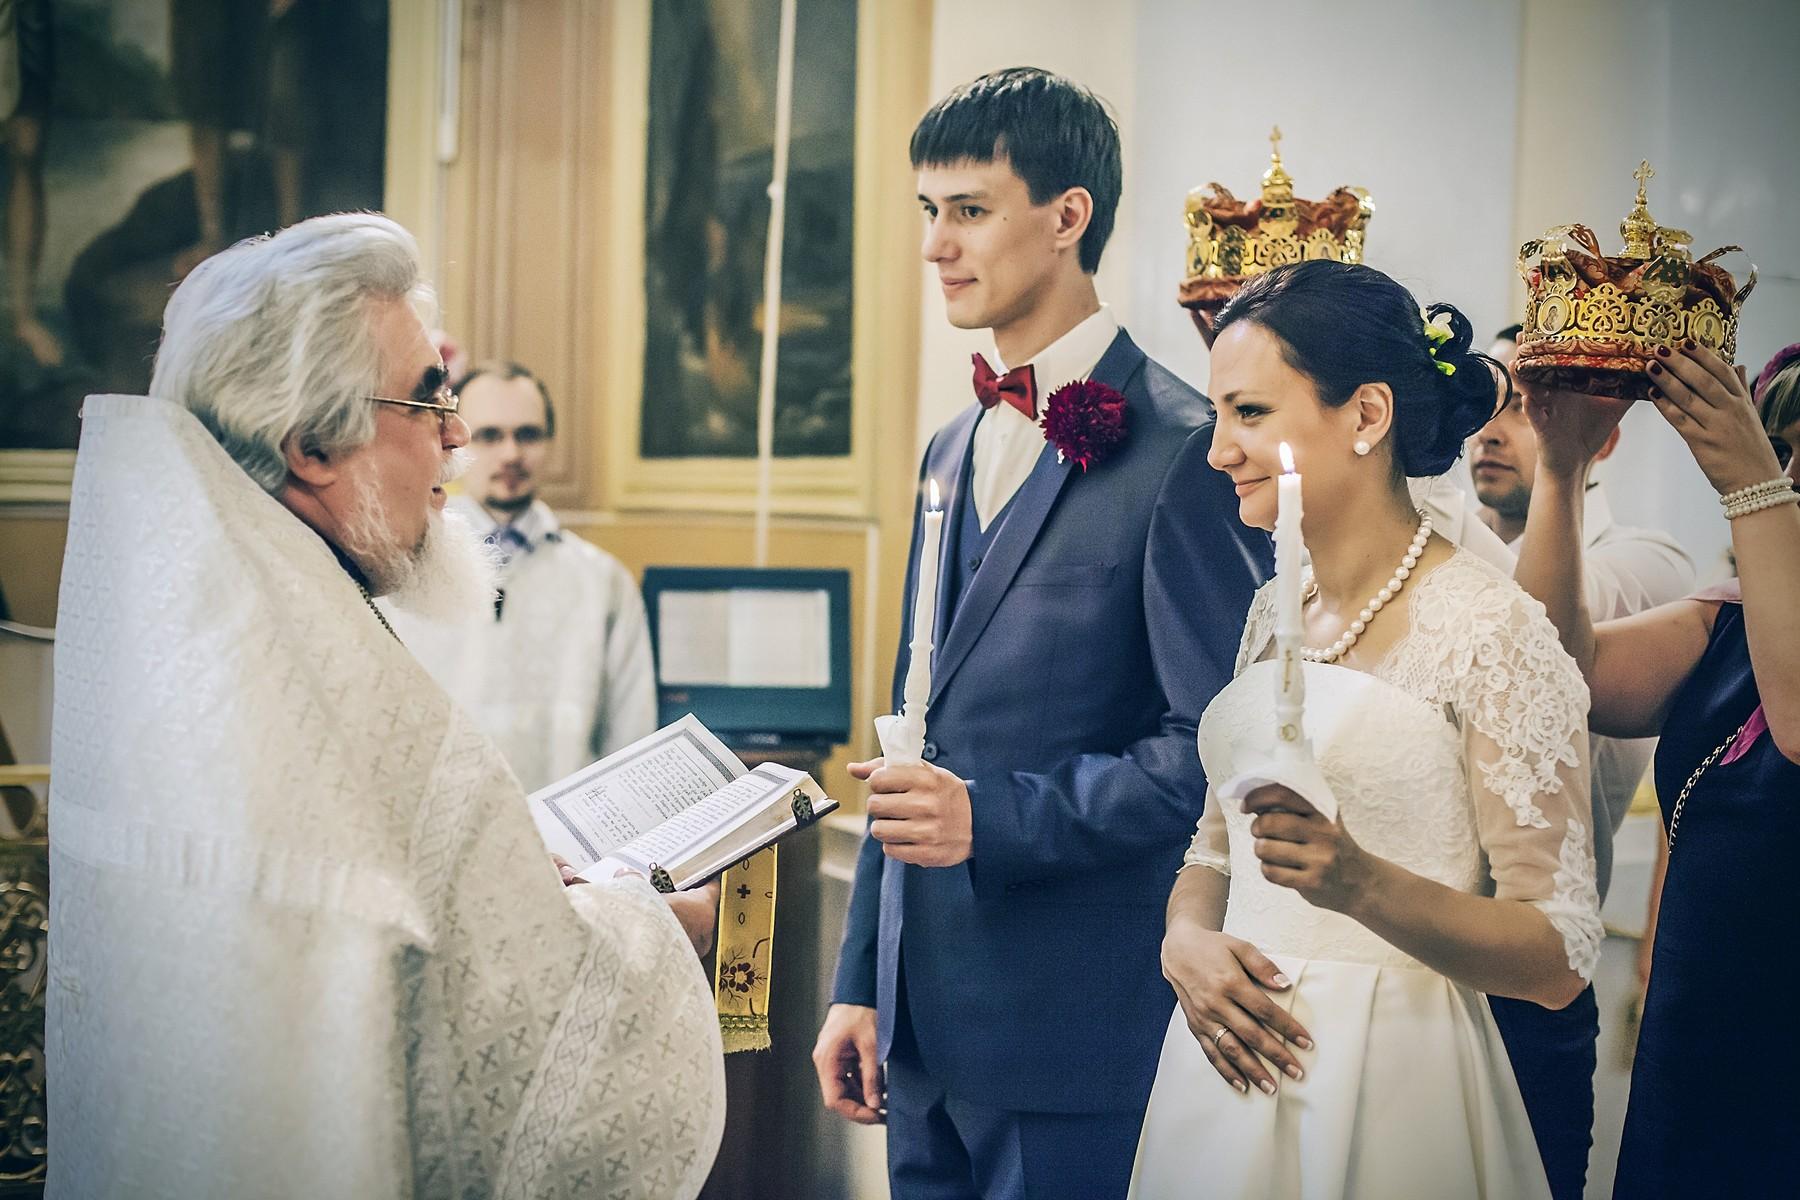 Фотосъемка венчания в церкви, очень ответственный  момент.